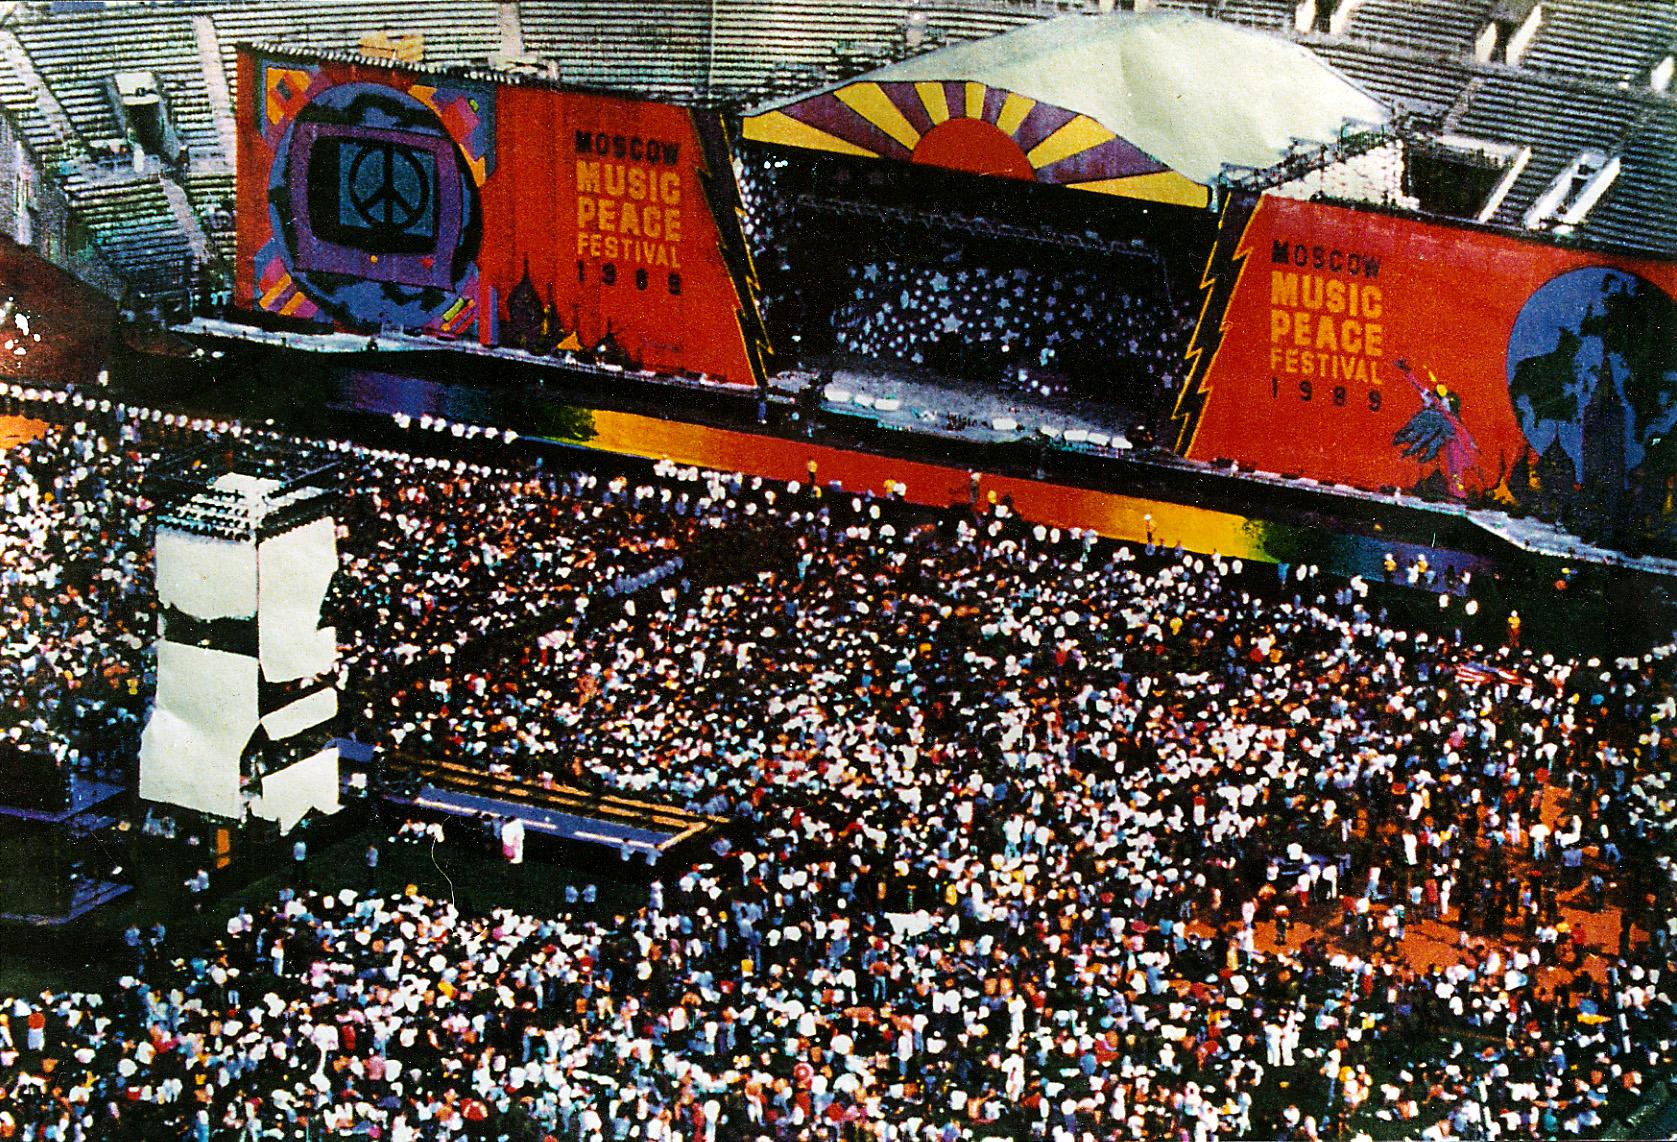 Afbeeldingsresultaat voor moscow music peace festival 1989